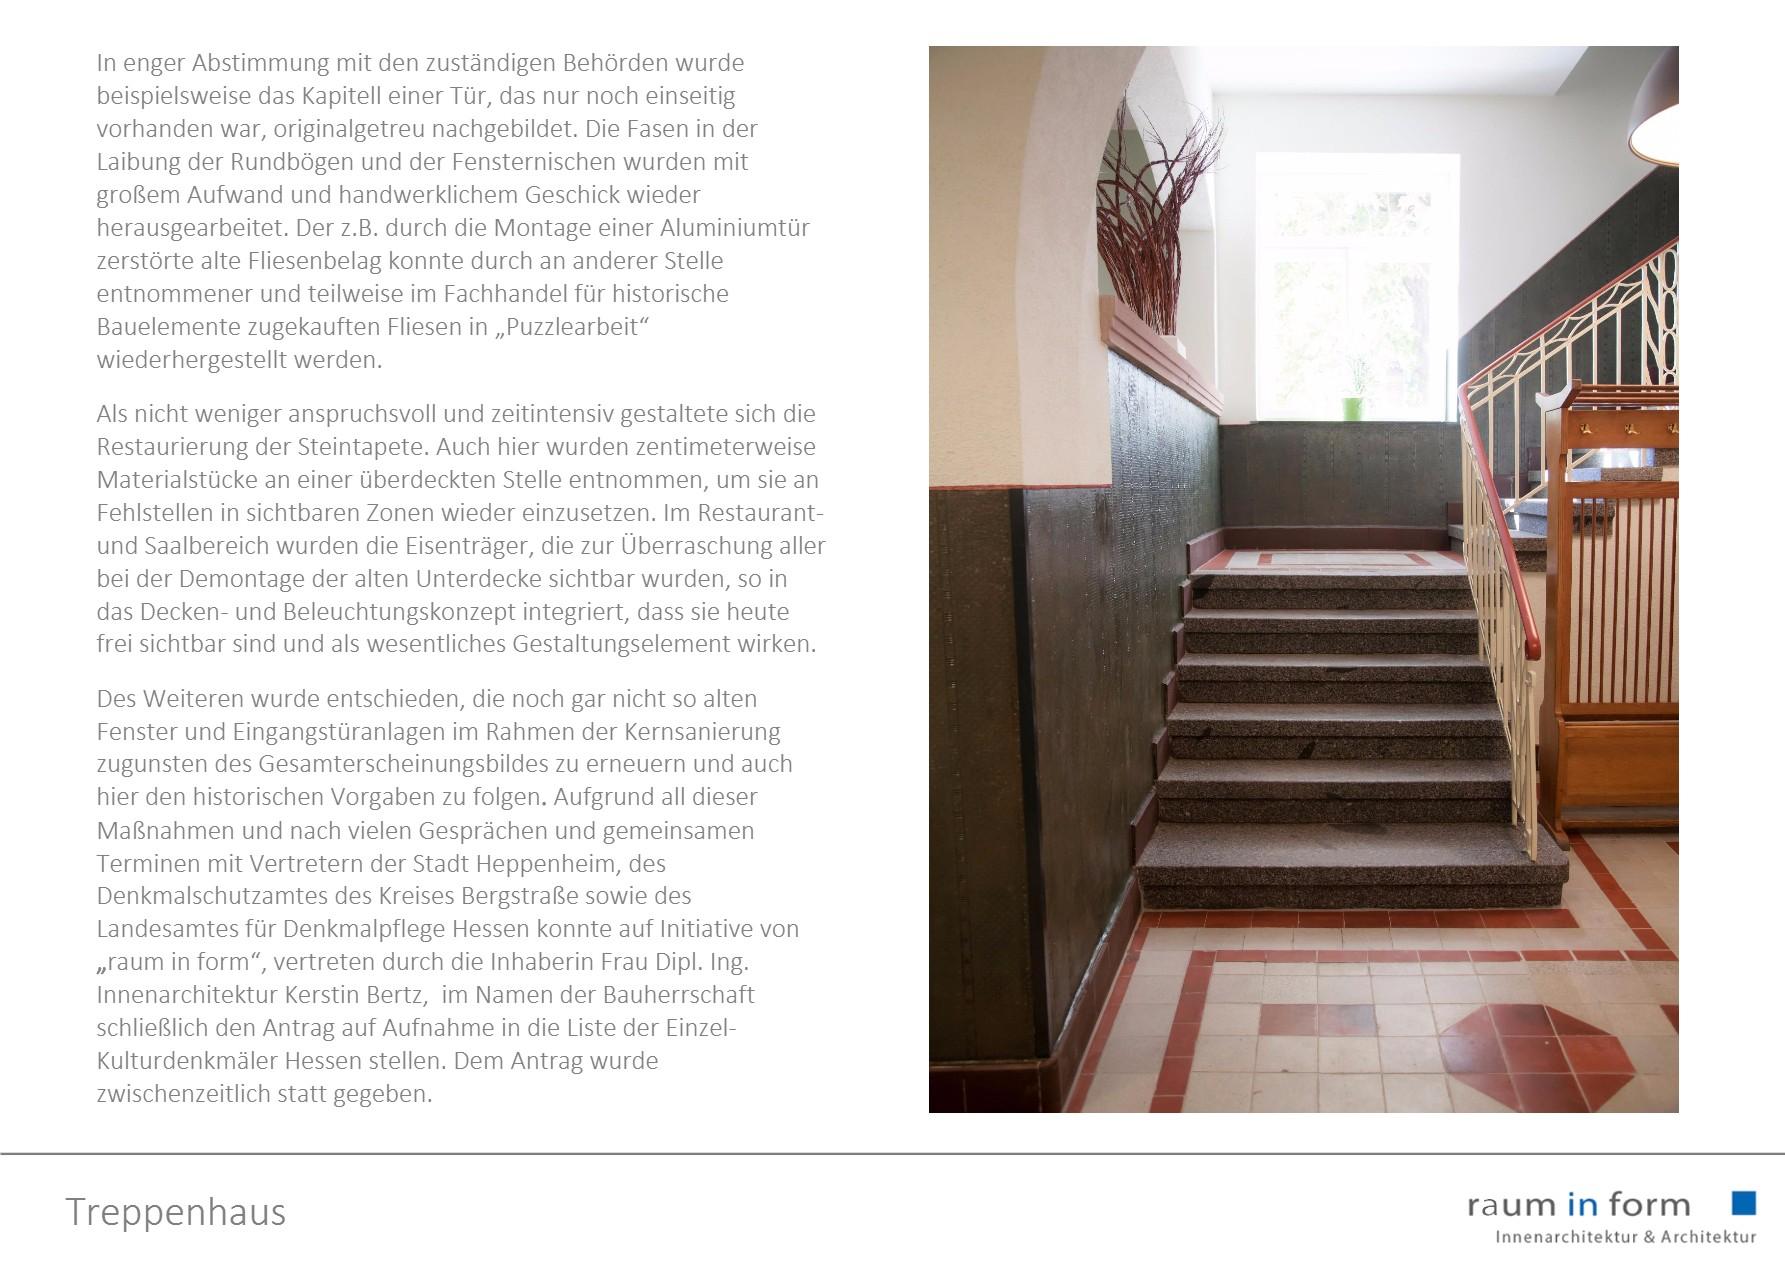 Innenarchitektur & Architektur - raum in form